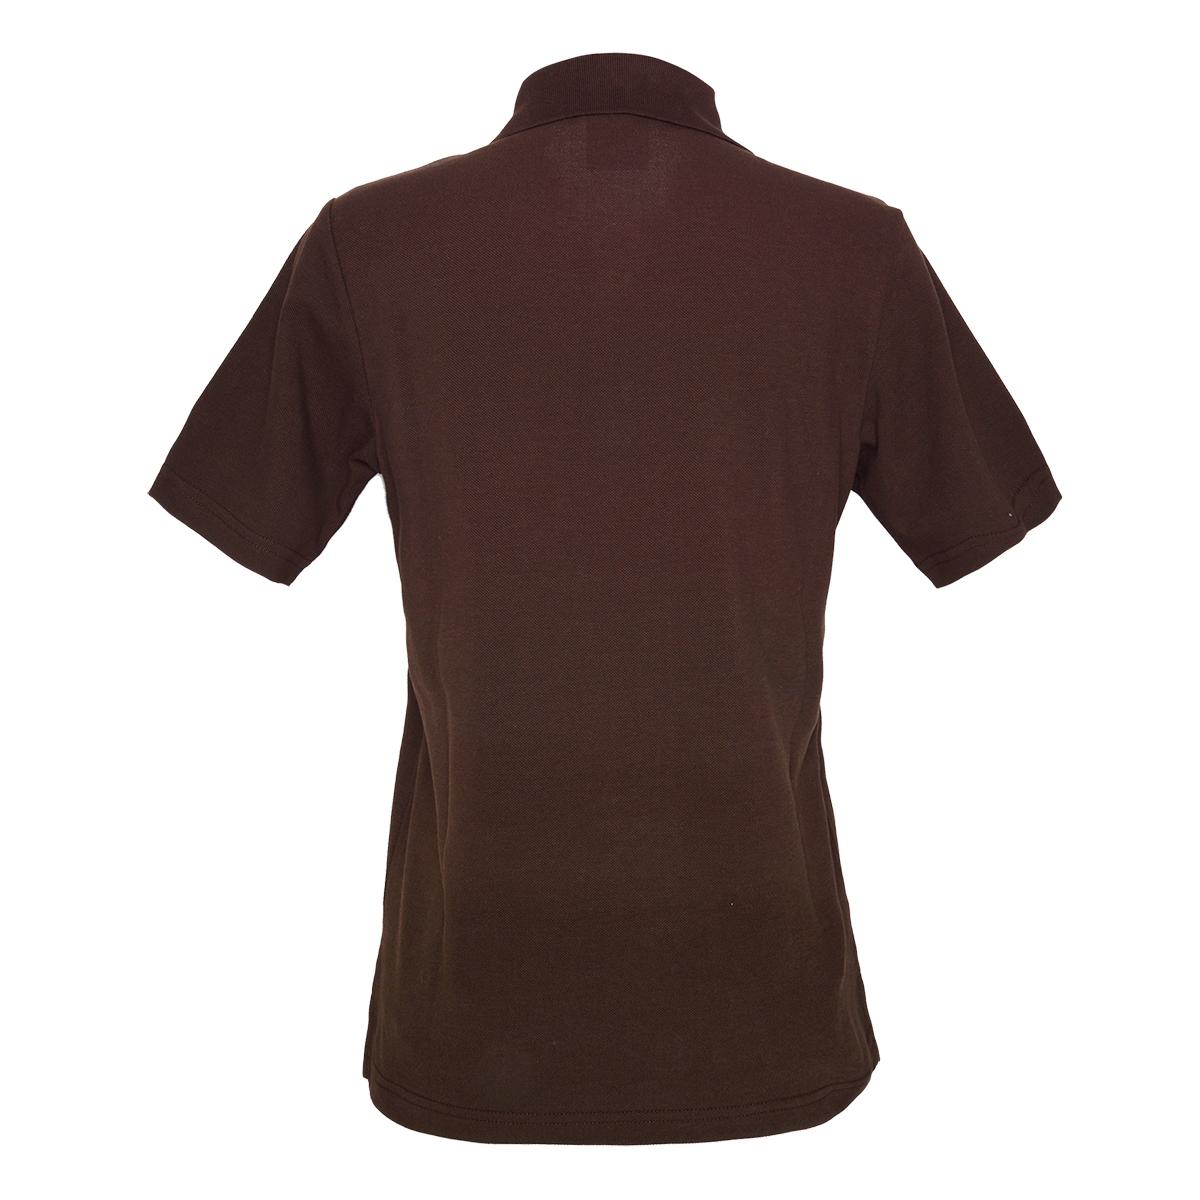 KEYLER Damen Poloshirt Dunkelbraun-Orange im Keylershop